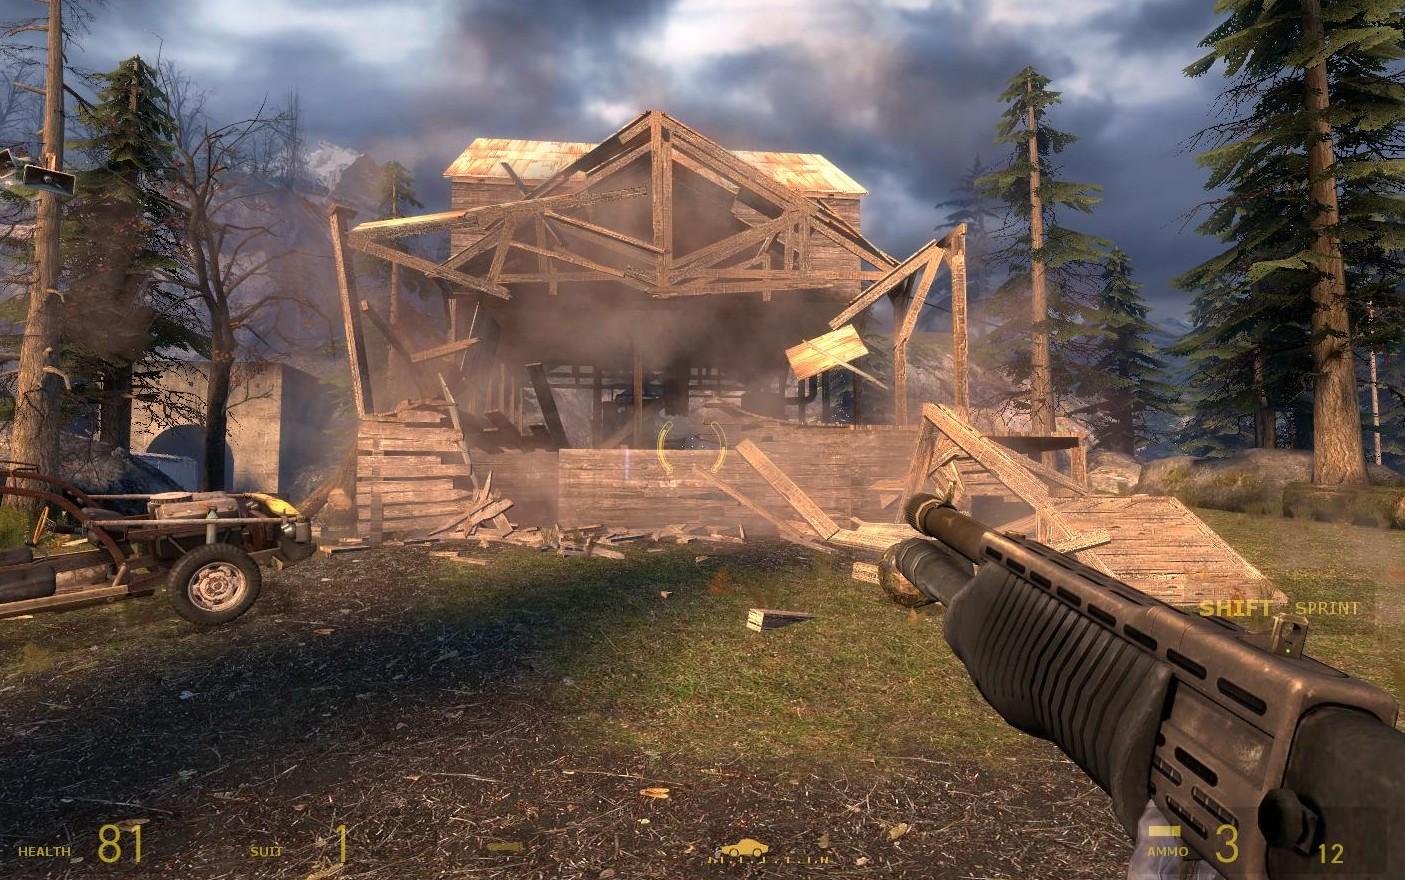 Half-life 2 deathmatch скачать через торрент бесплатно.